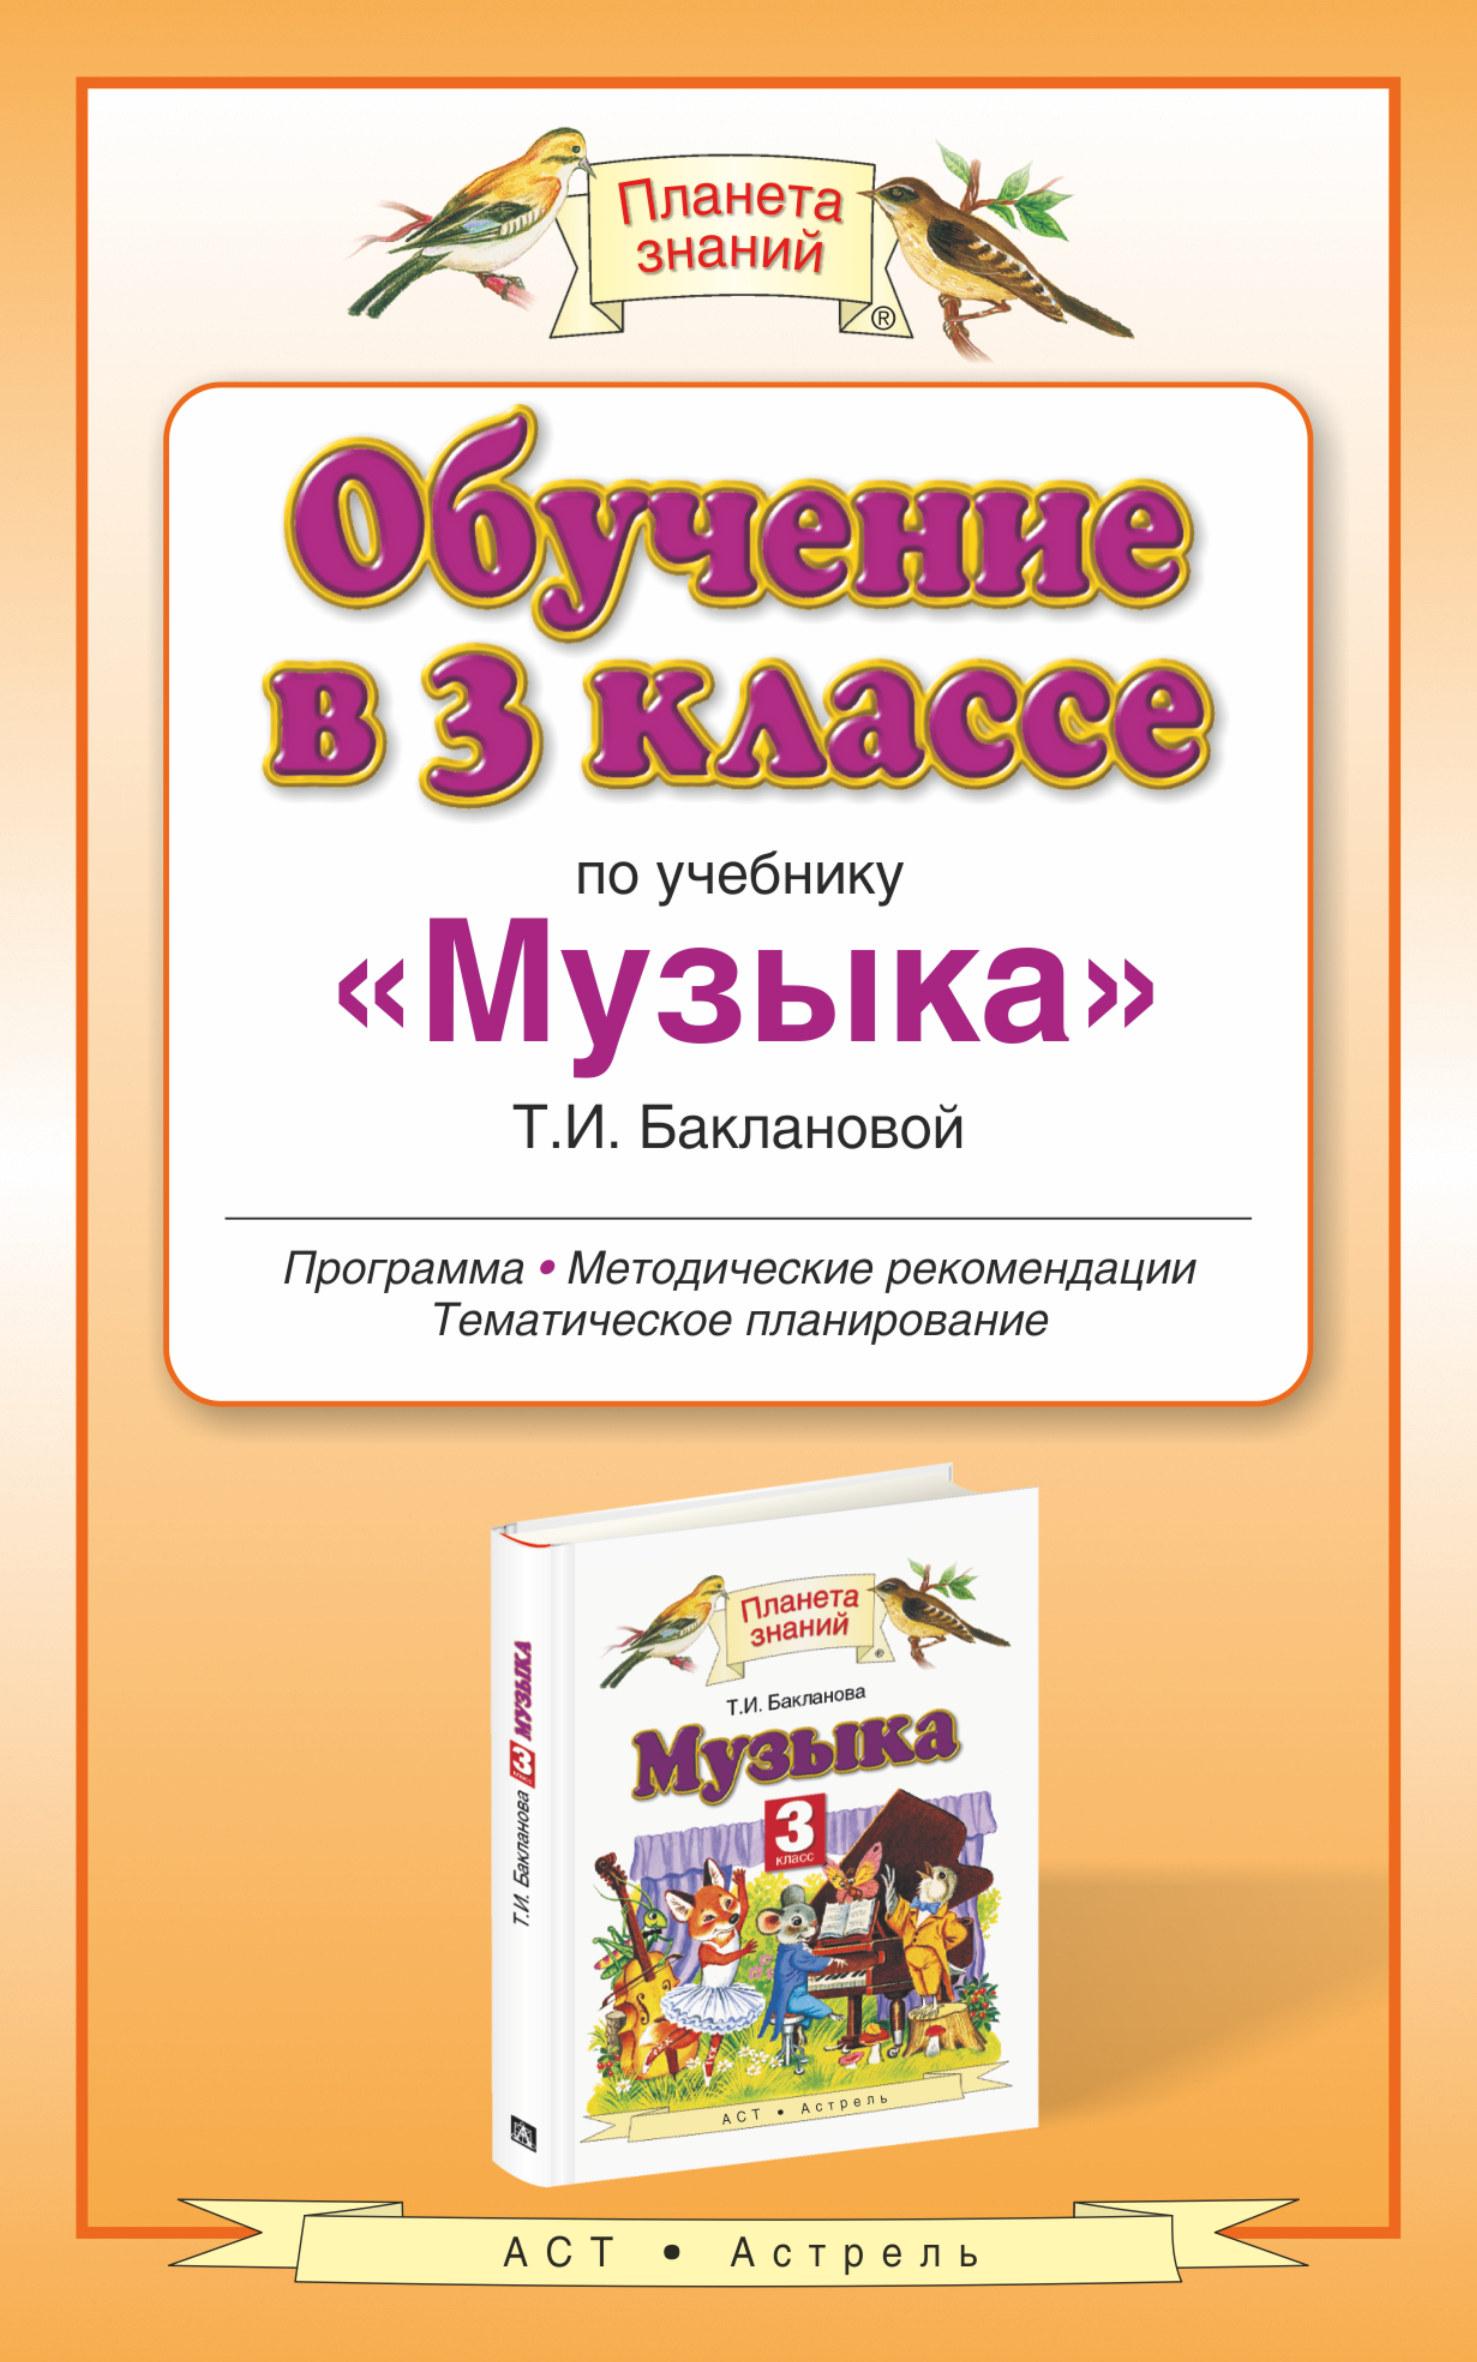 Обучение в 3 классе по учебнику «Музыка» Т. И. Баклановой. Методическое пособие